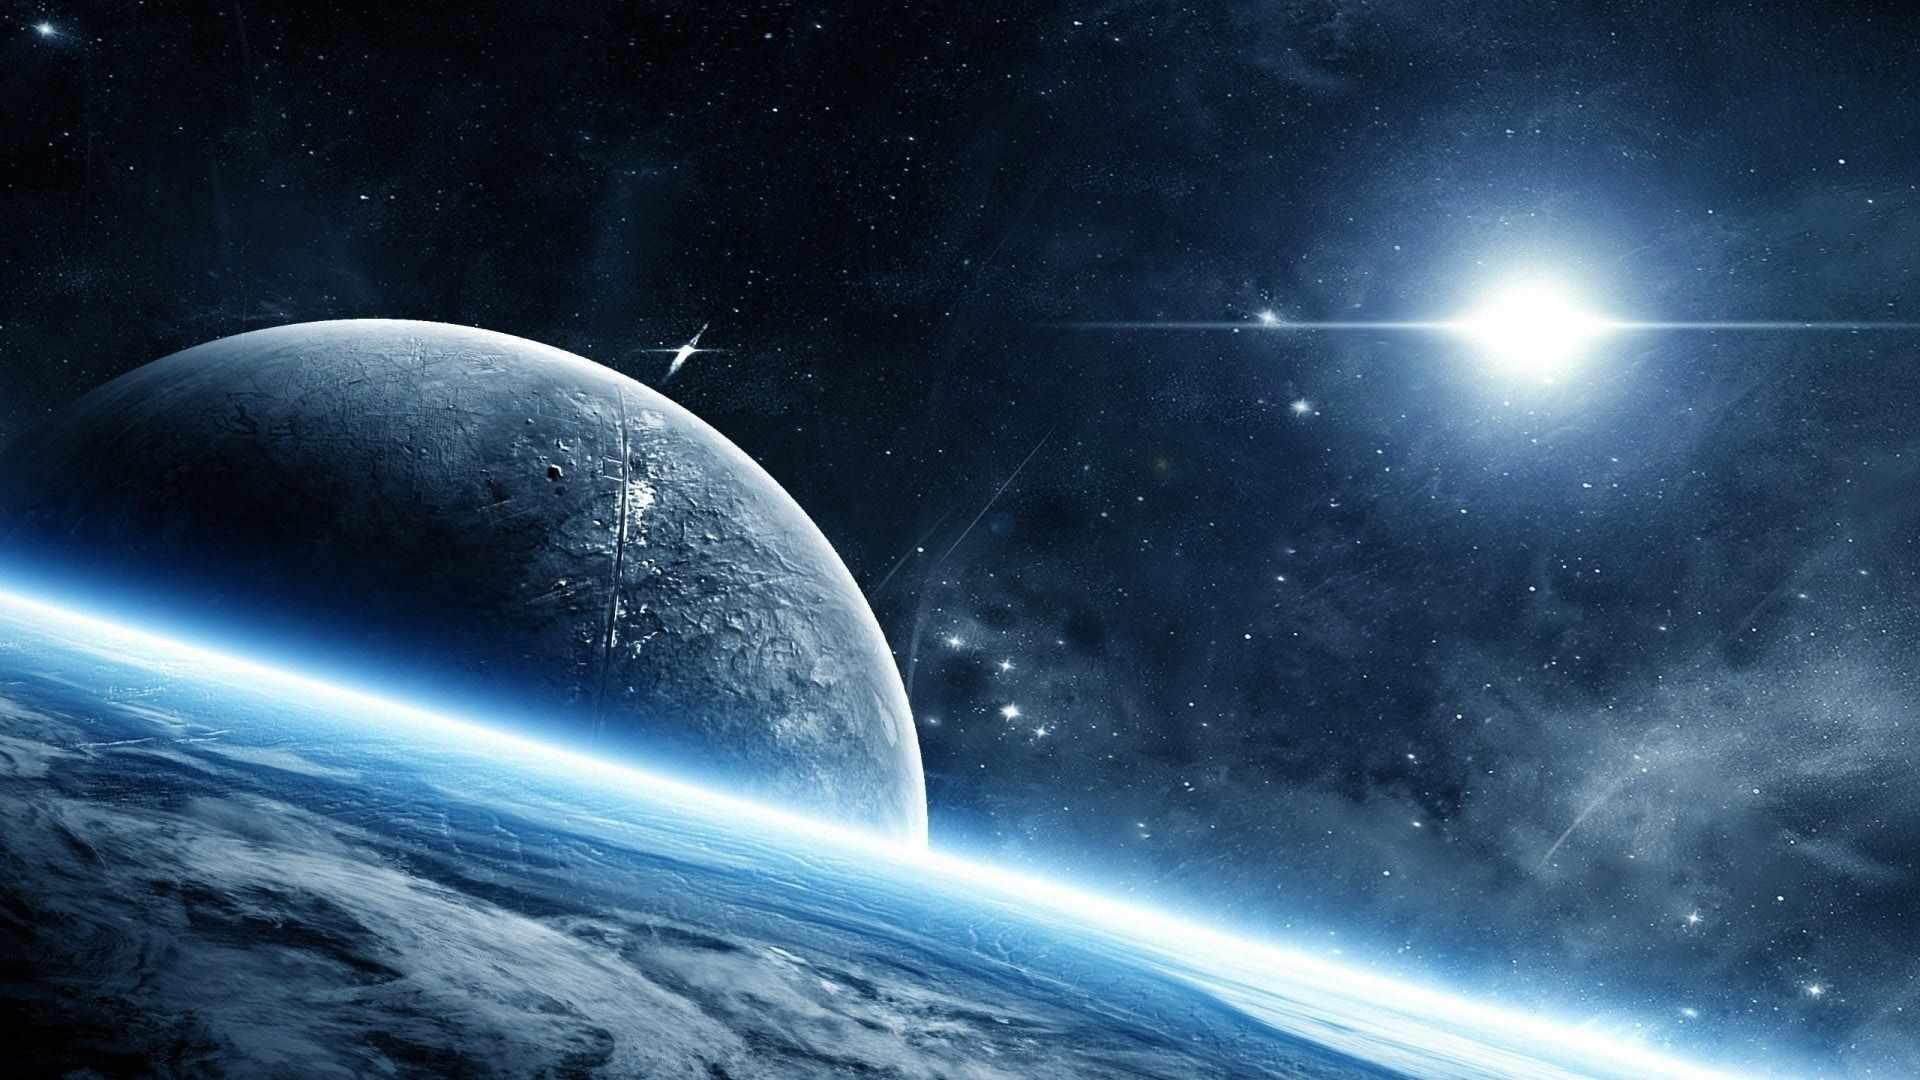 Скачать картинки космоса красивые для срисовки 18